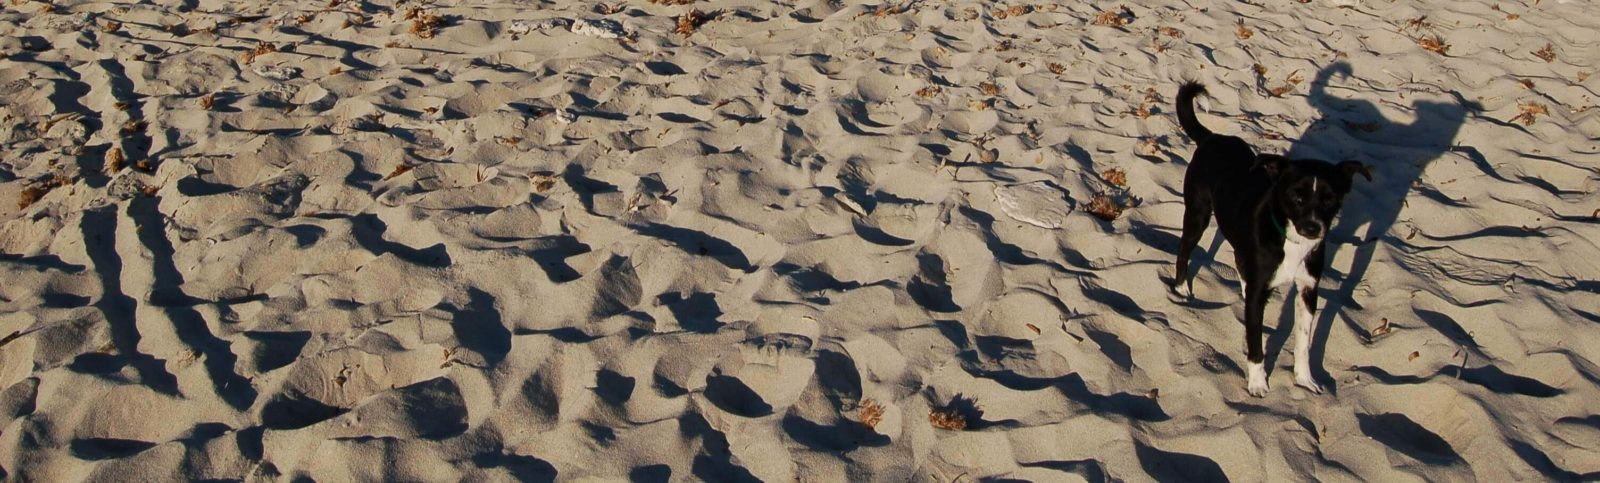 Der Hund im Sand ist glücklich